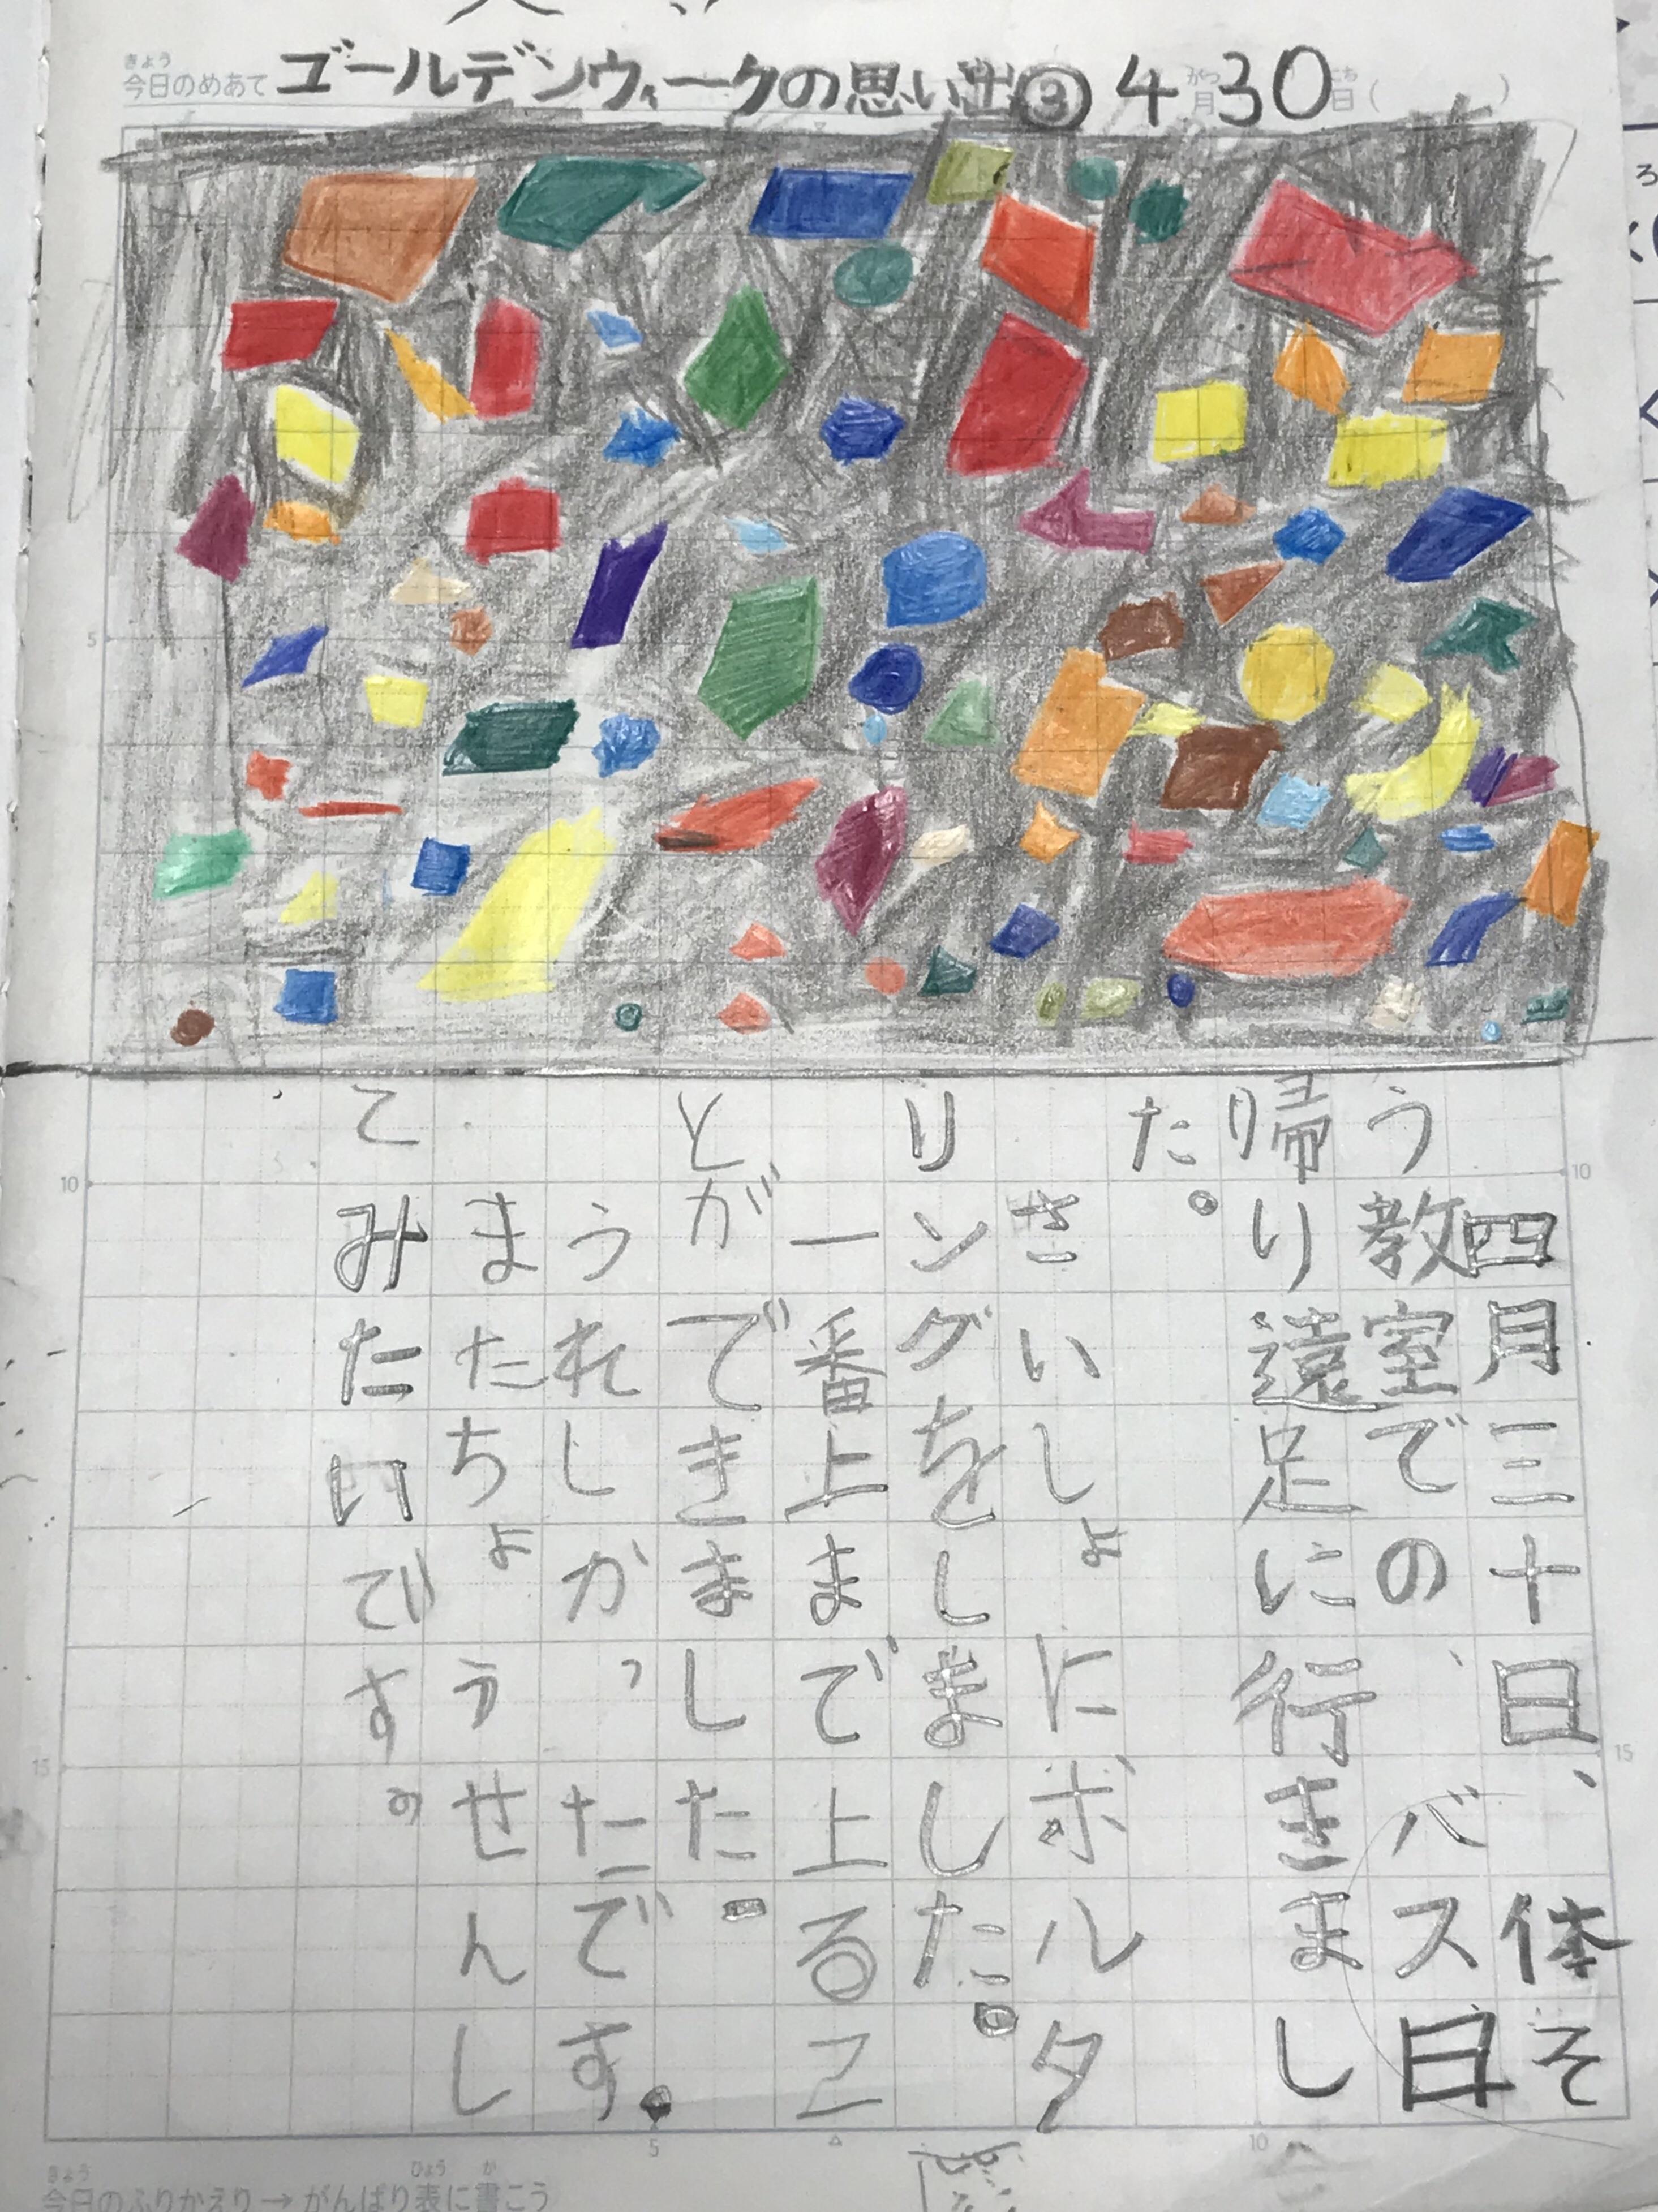 ボルタリング 自主学習 絵日記